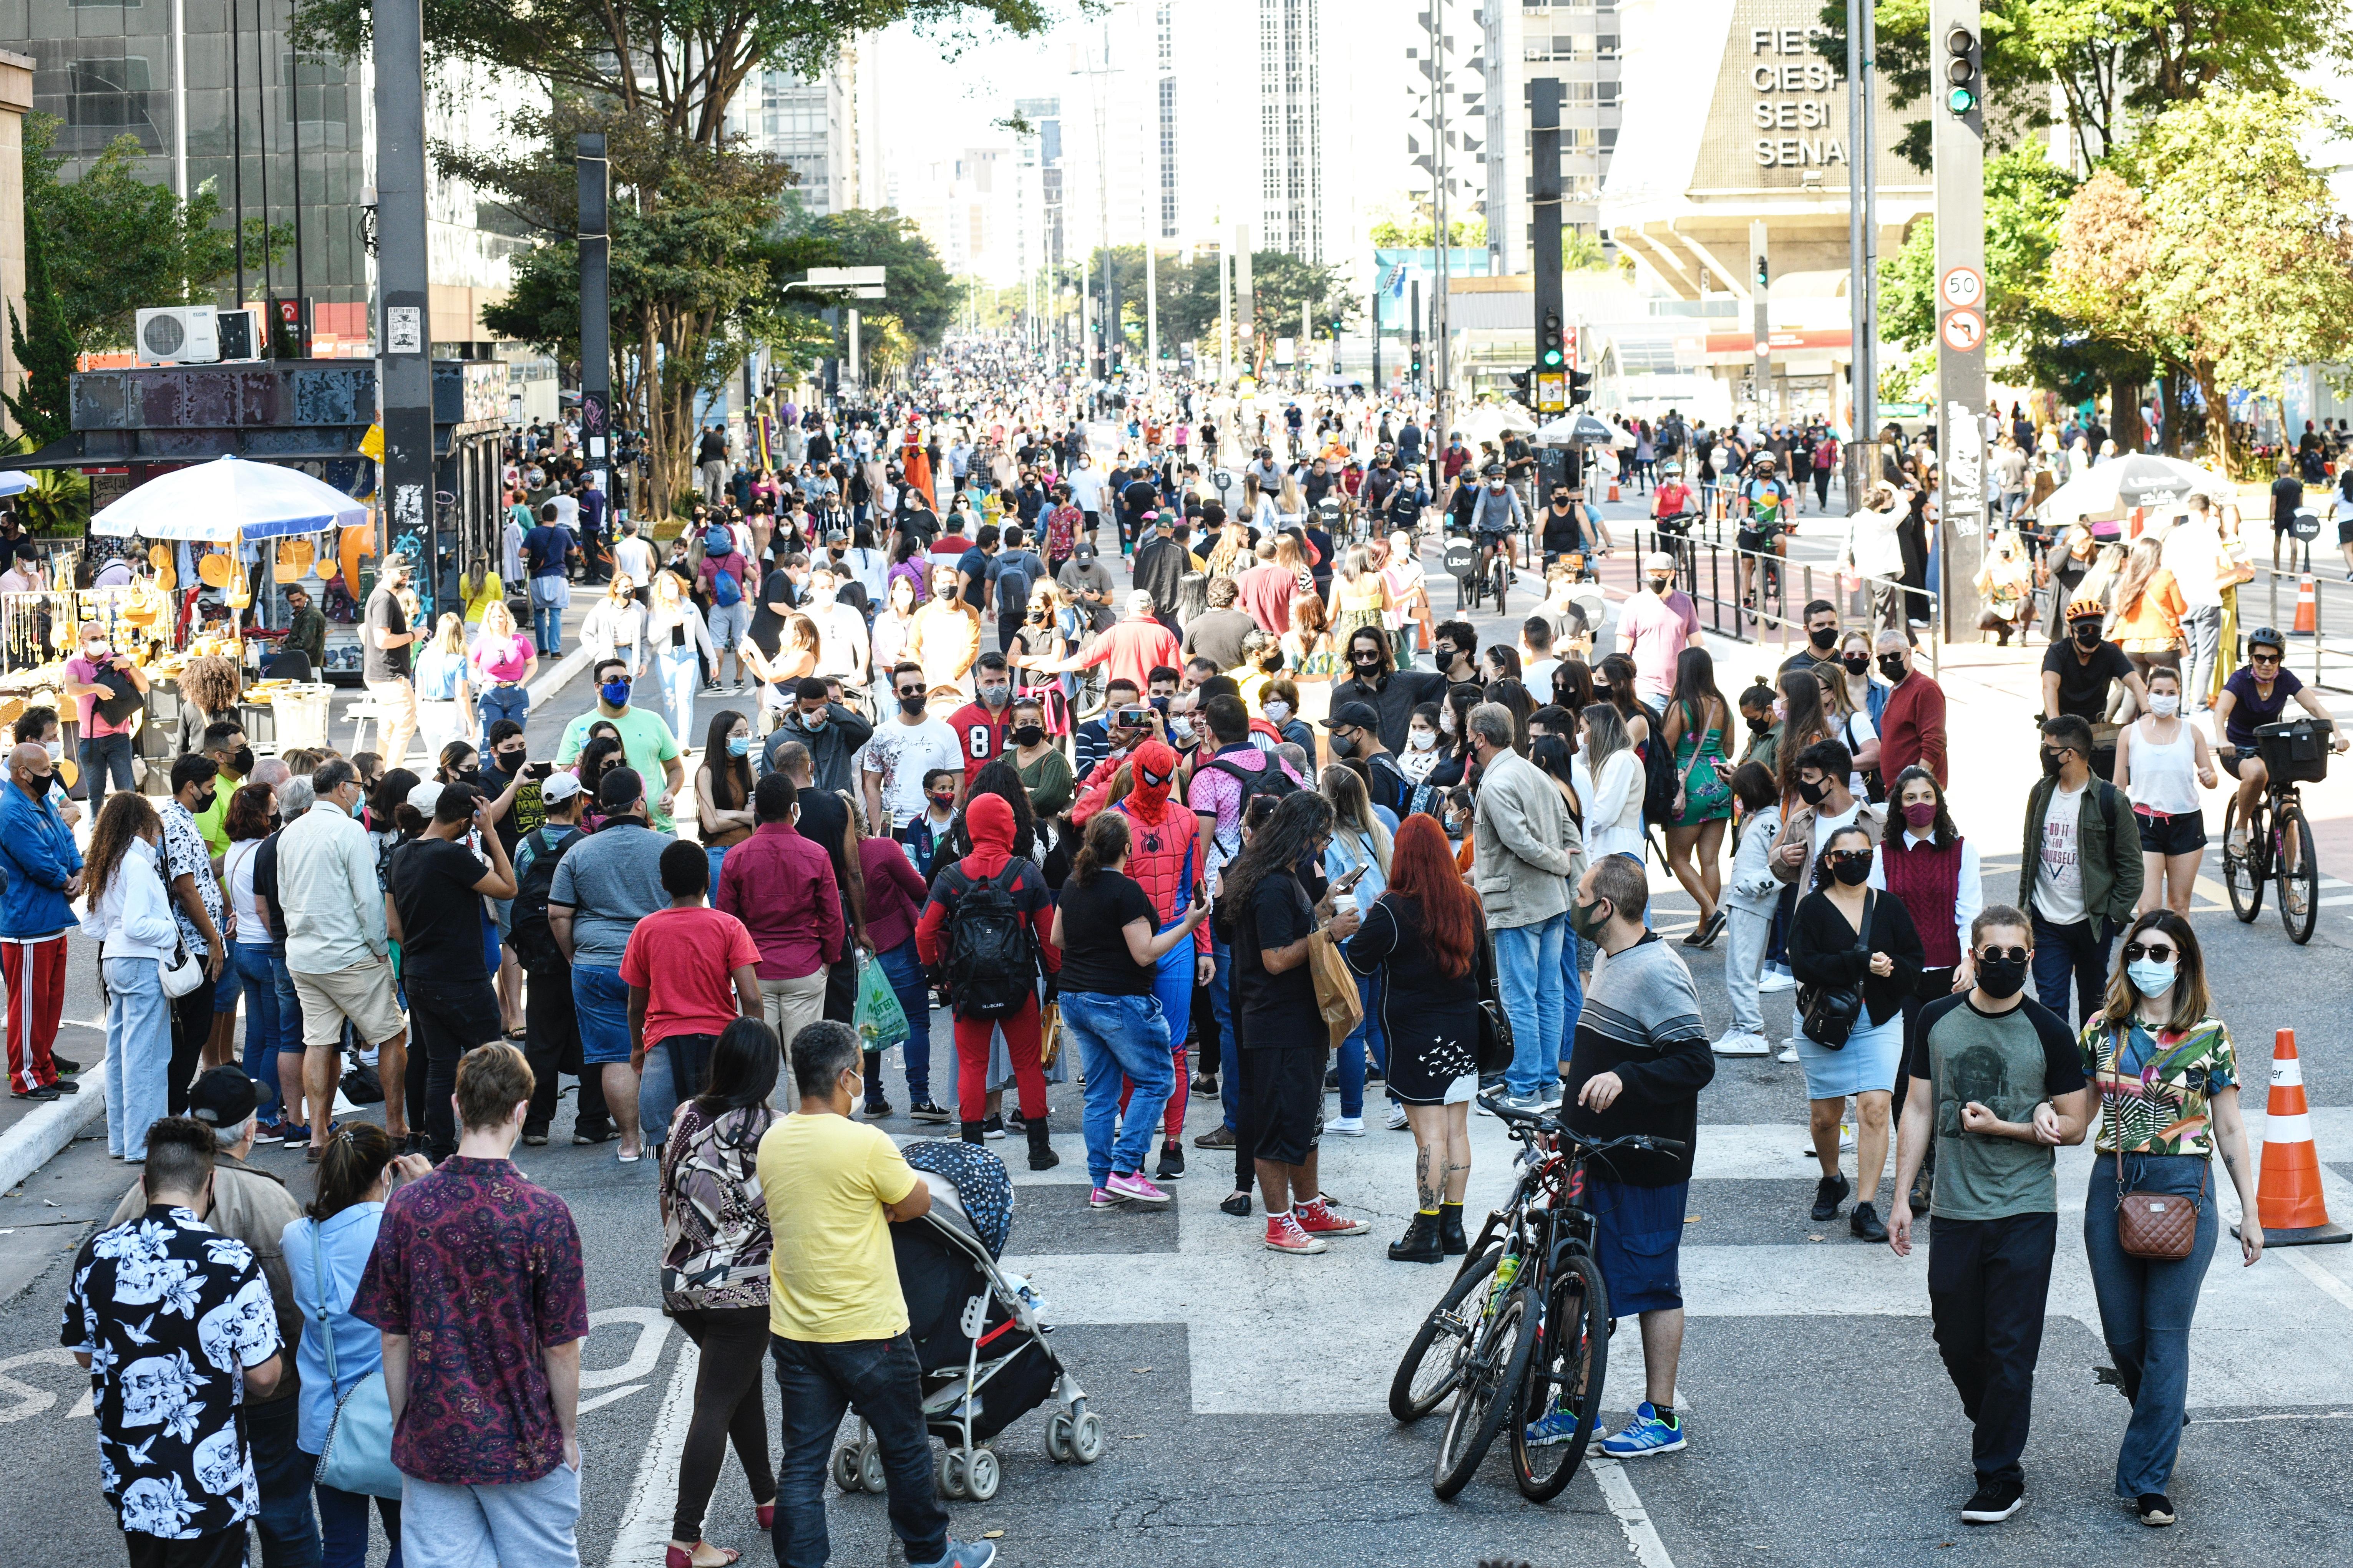 Imagem mostra grande quantidade de pessoas na Avenida Paulista neste domingo ensolarado de inverno. Muitas pessoas usam máscaras, mas muitas também não usam